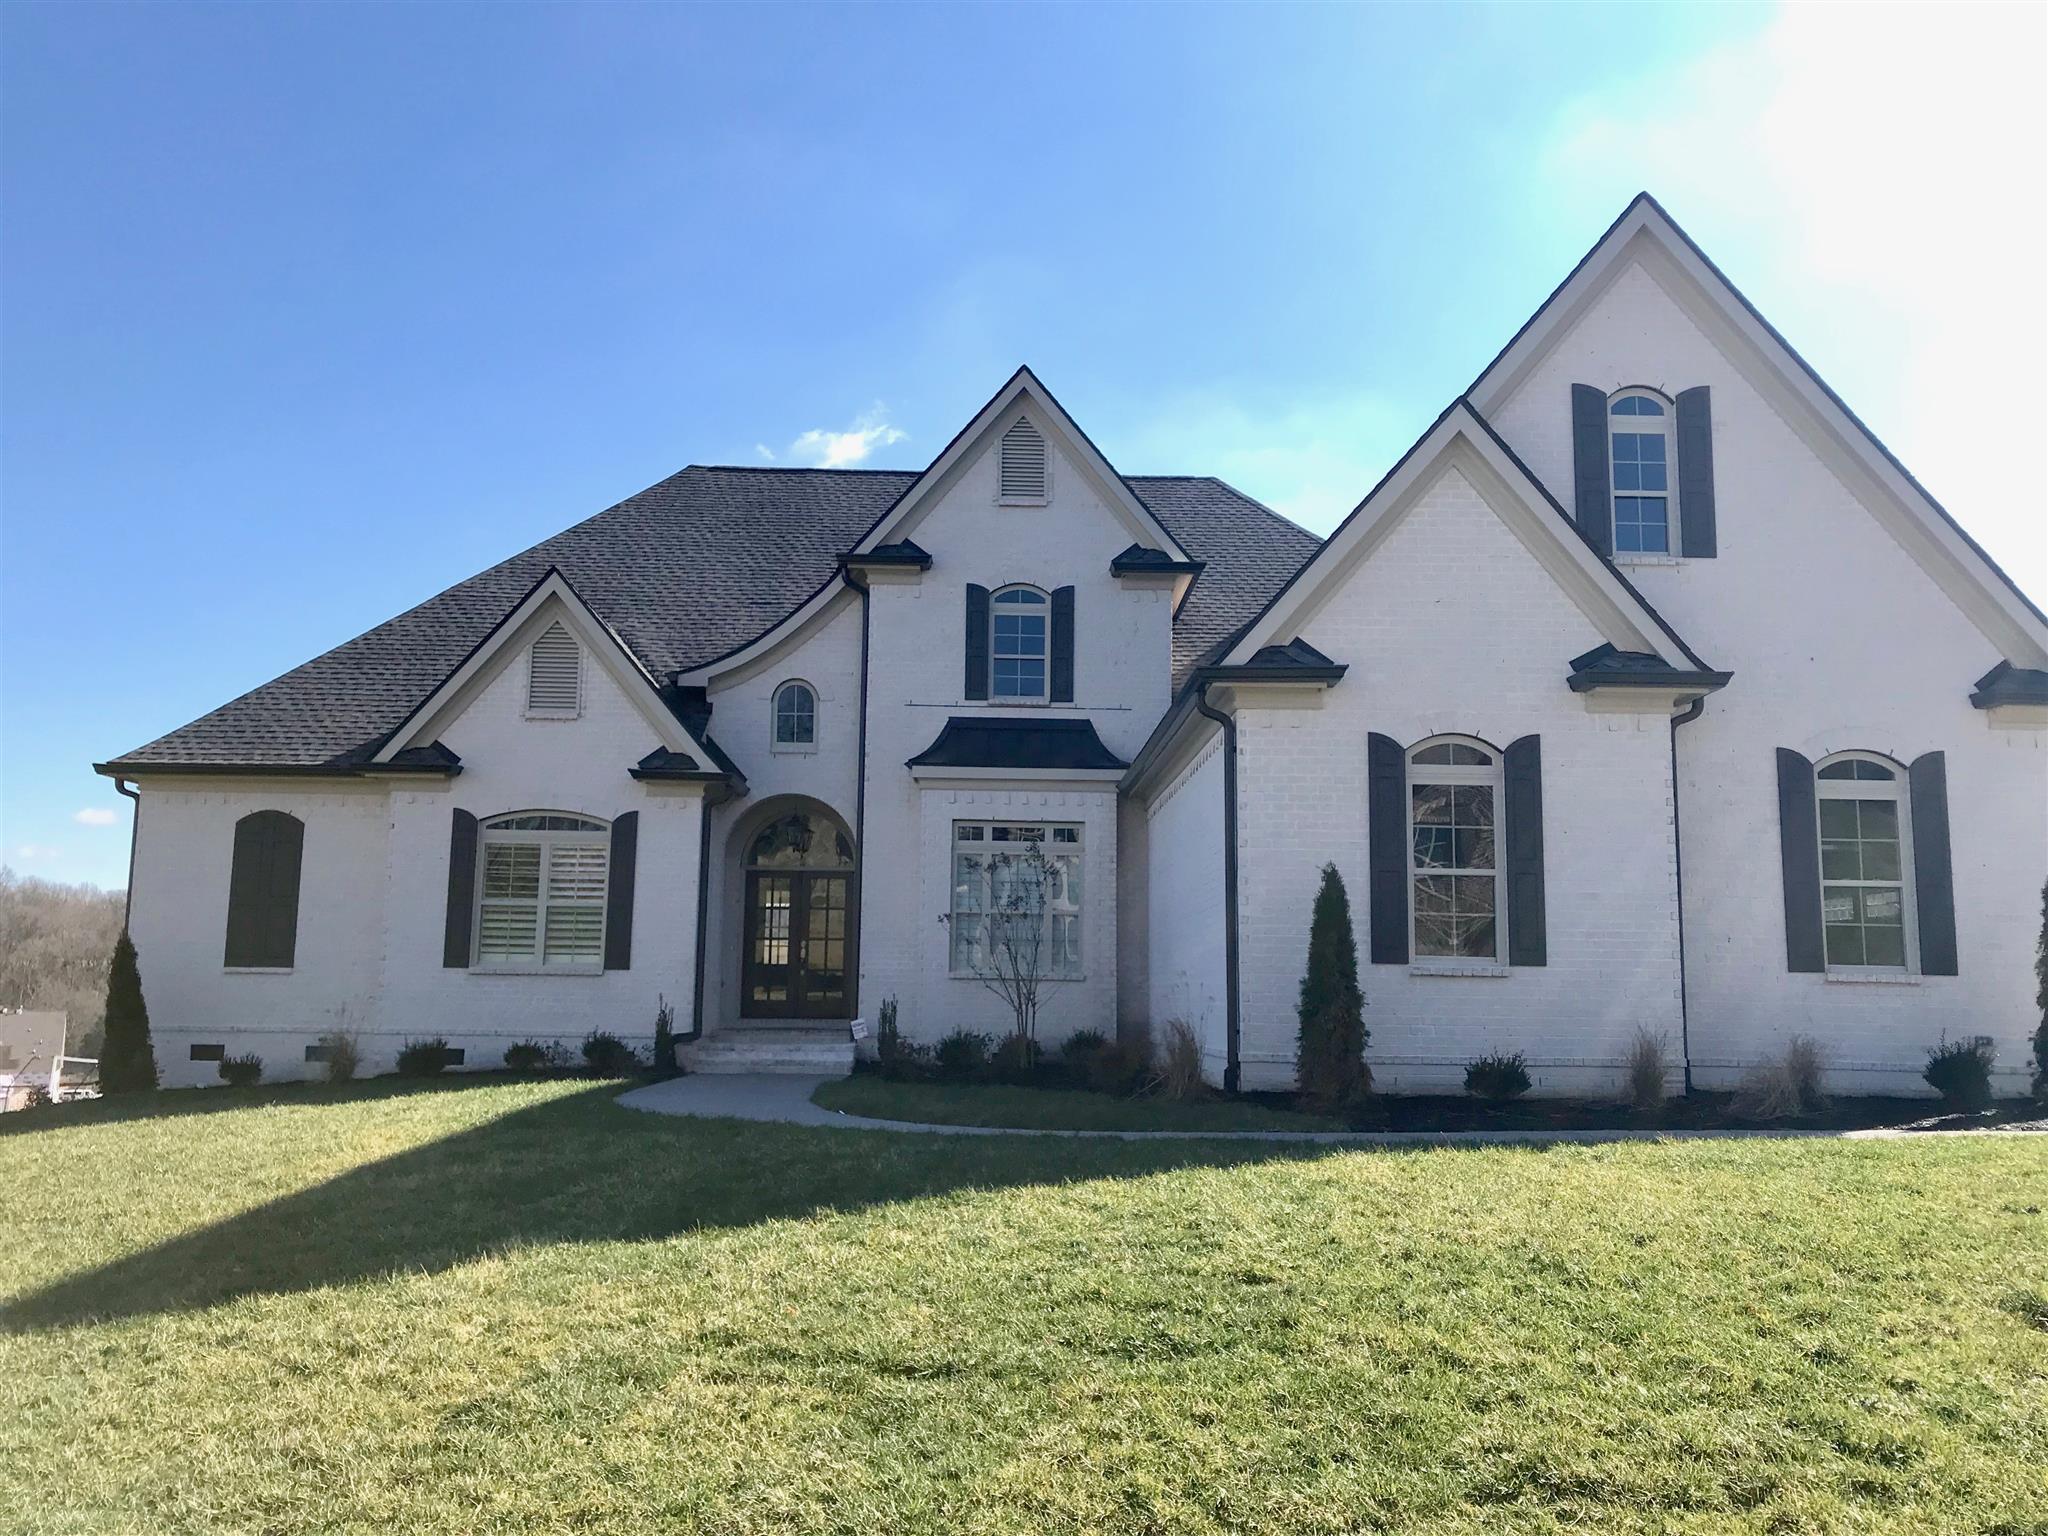 270 Rock Cress Rd(Lot #515), Nolensville, TN 37135 - Nolensville, TN real estate listing